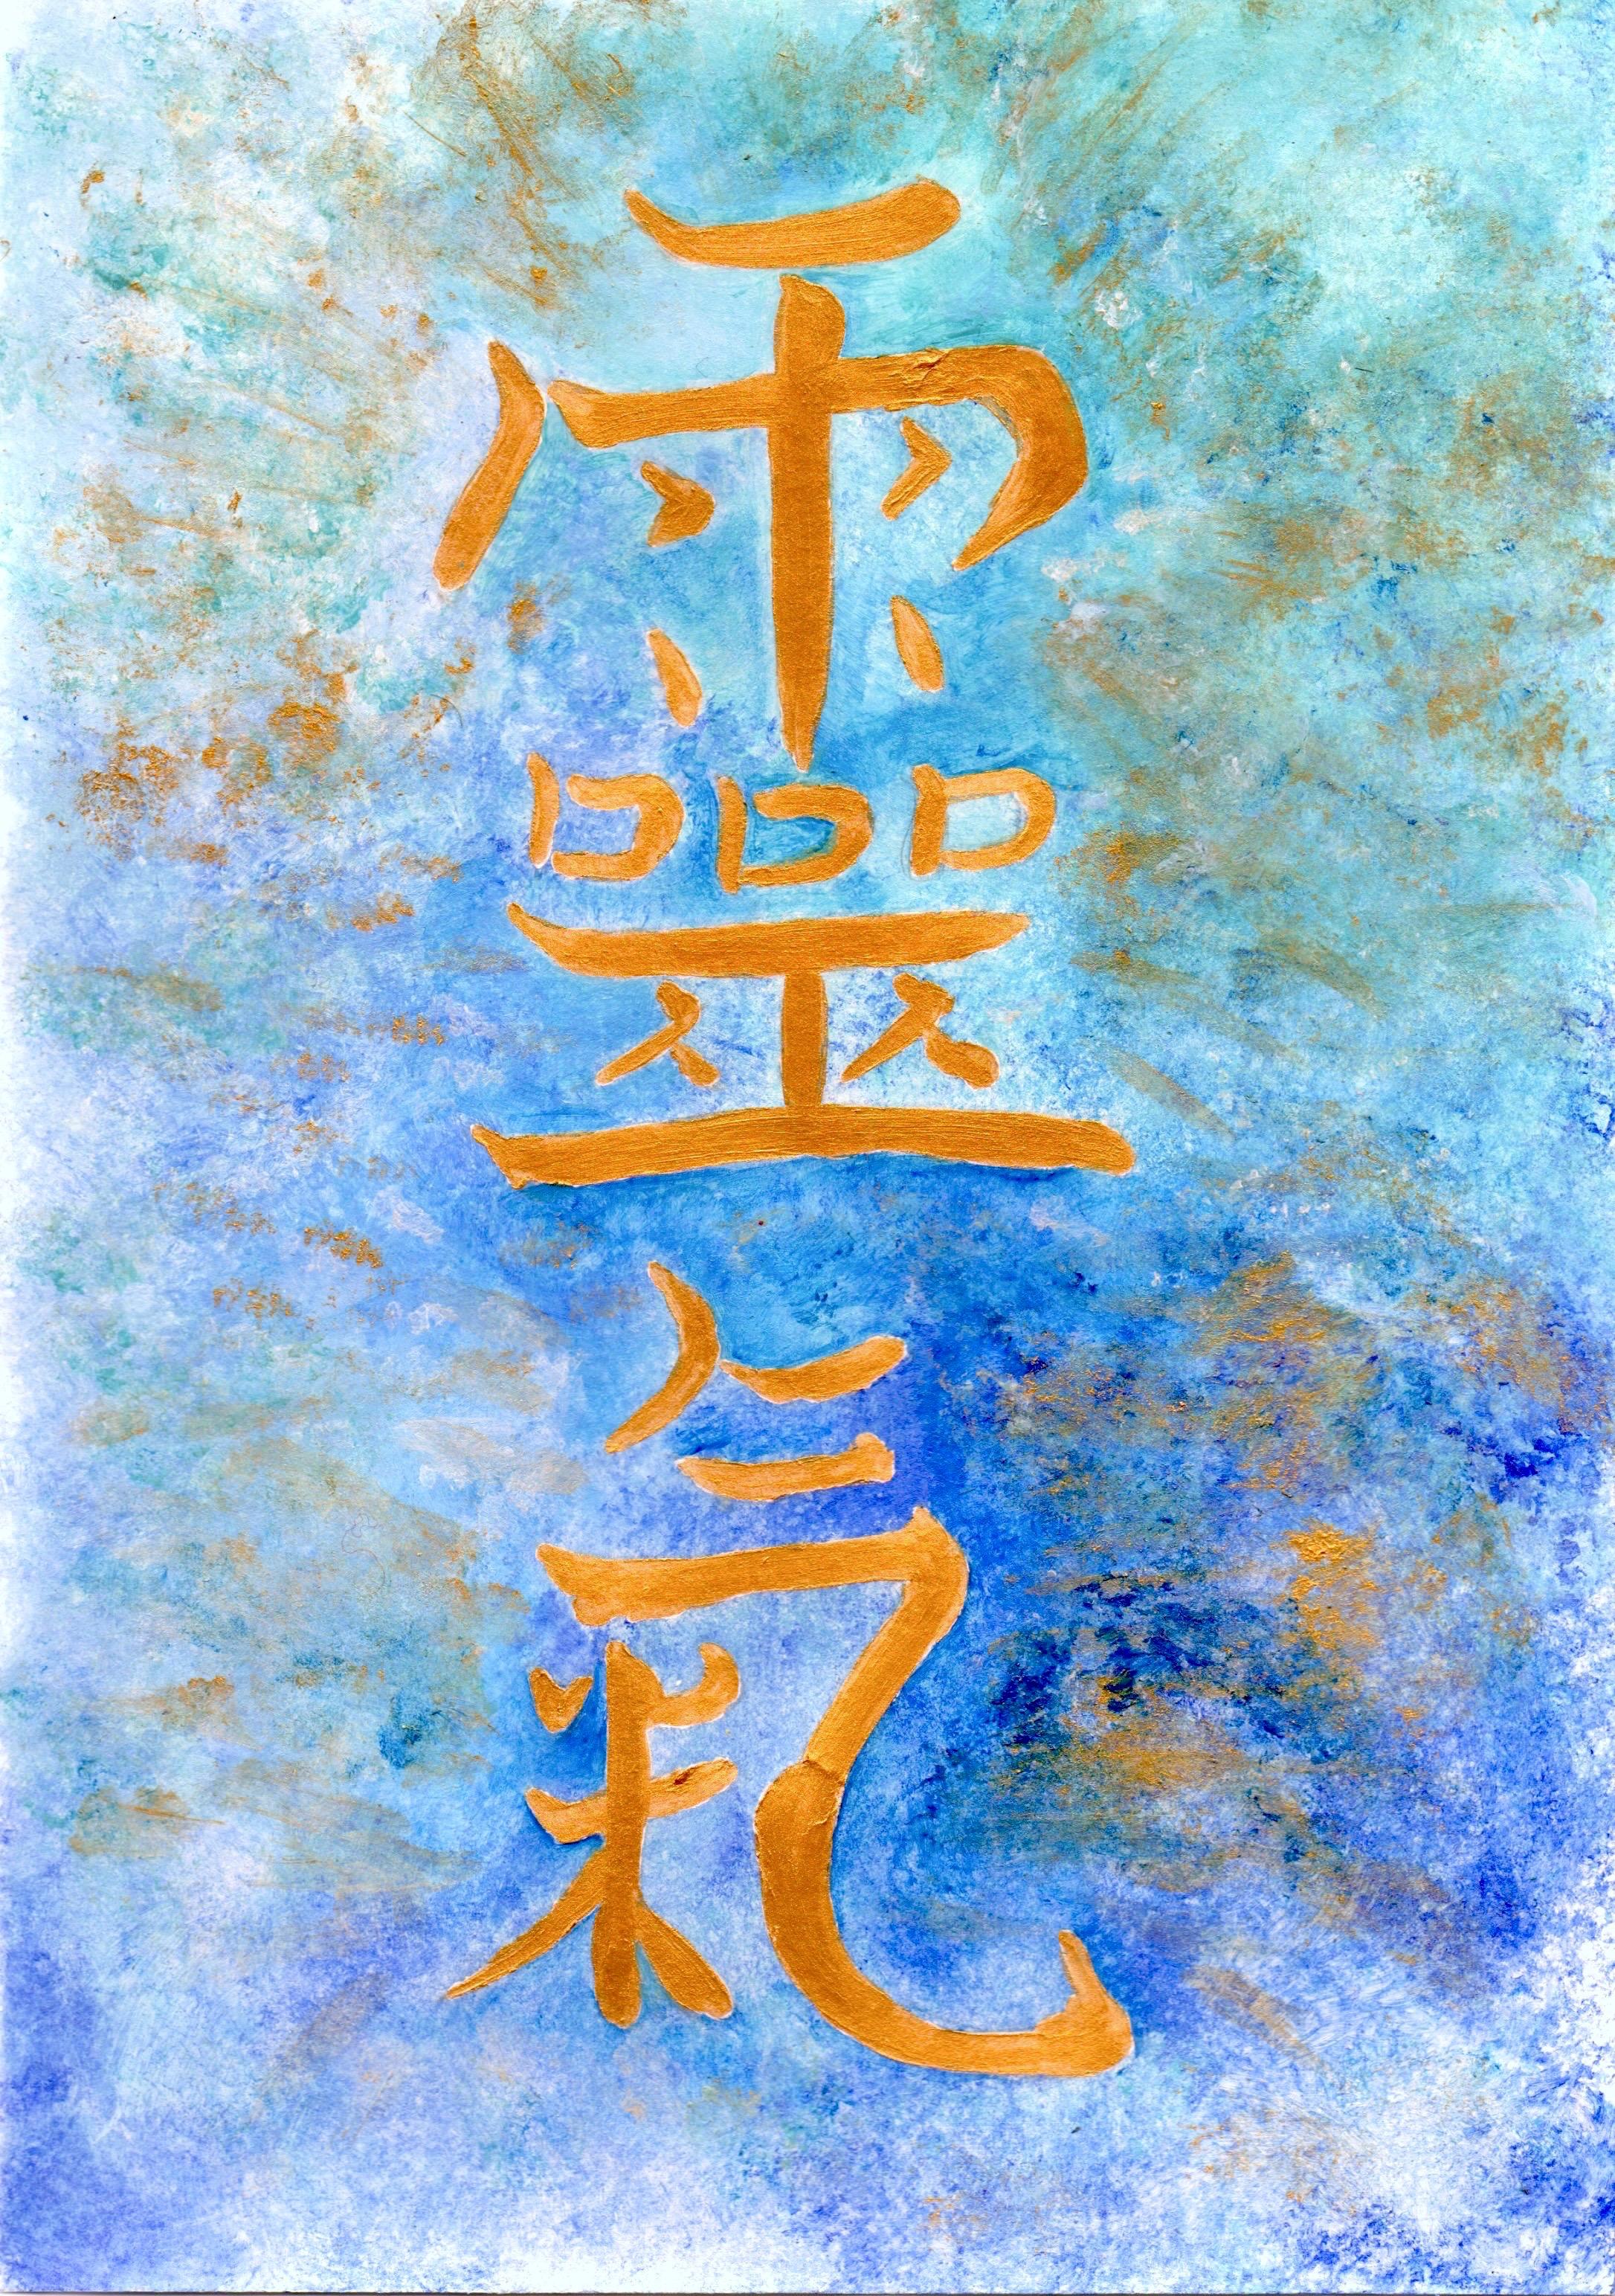 REIKI - Le mot Reiki signifie